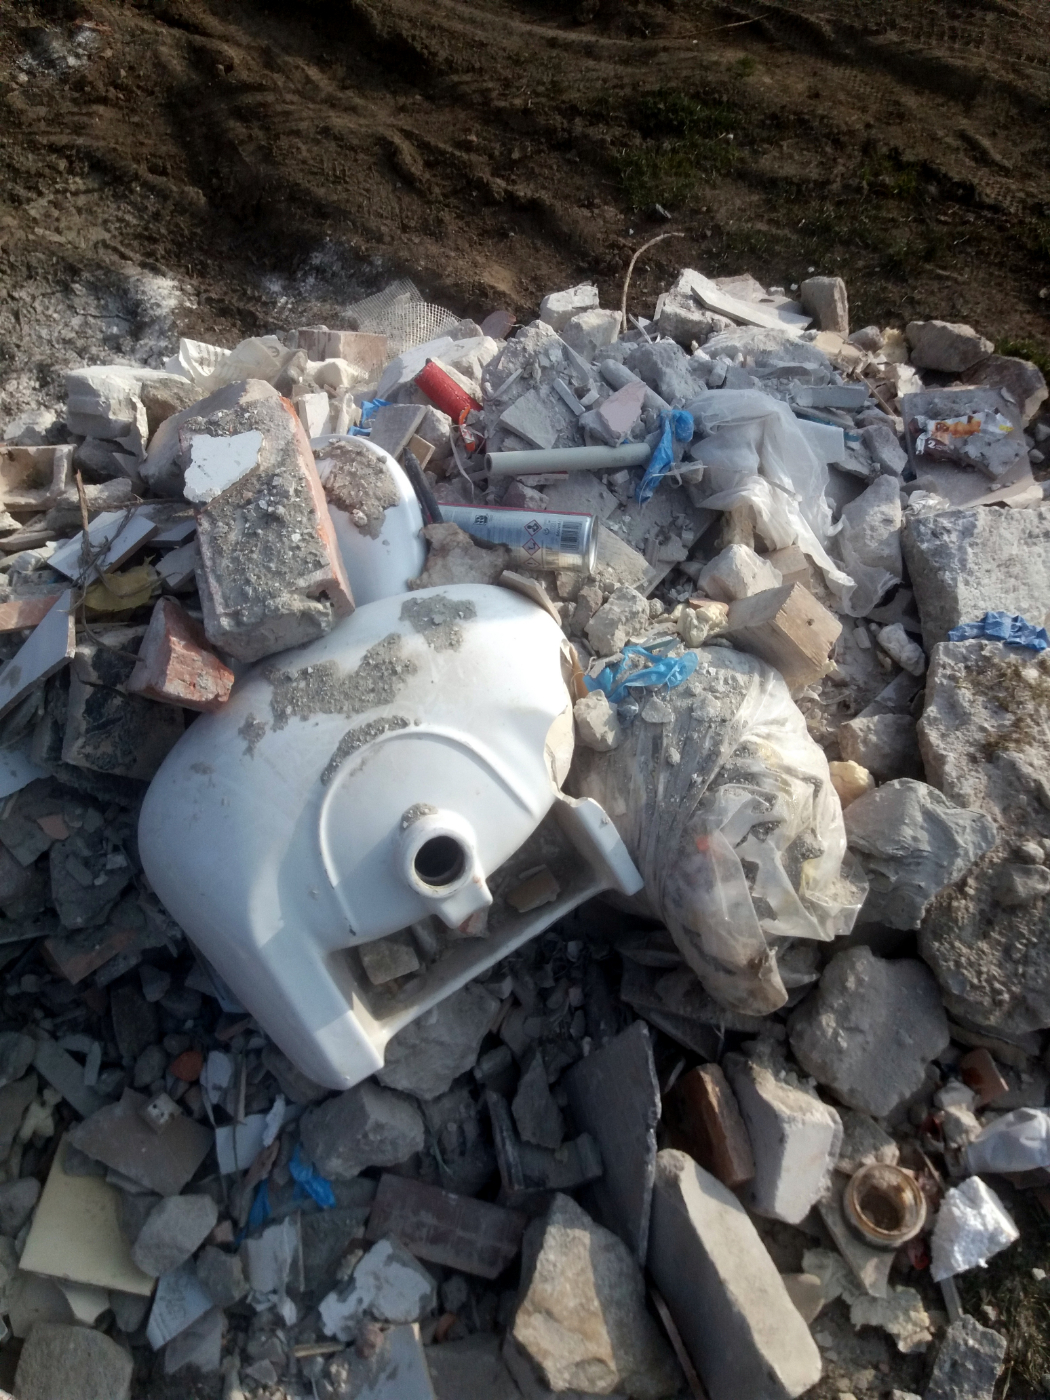 SYGNAŁY CZYTELNIKÓW: Wysypisko śmieci przy Ścieżce Przyrodniczo-Edukacyjnej [ZDJĘCIA] - Zdjęcie główne